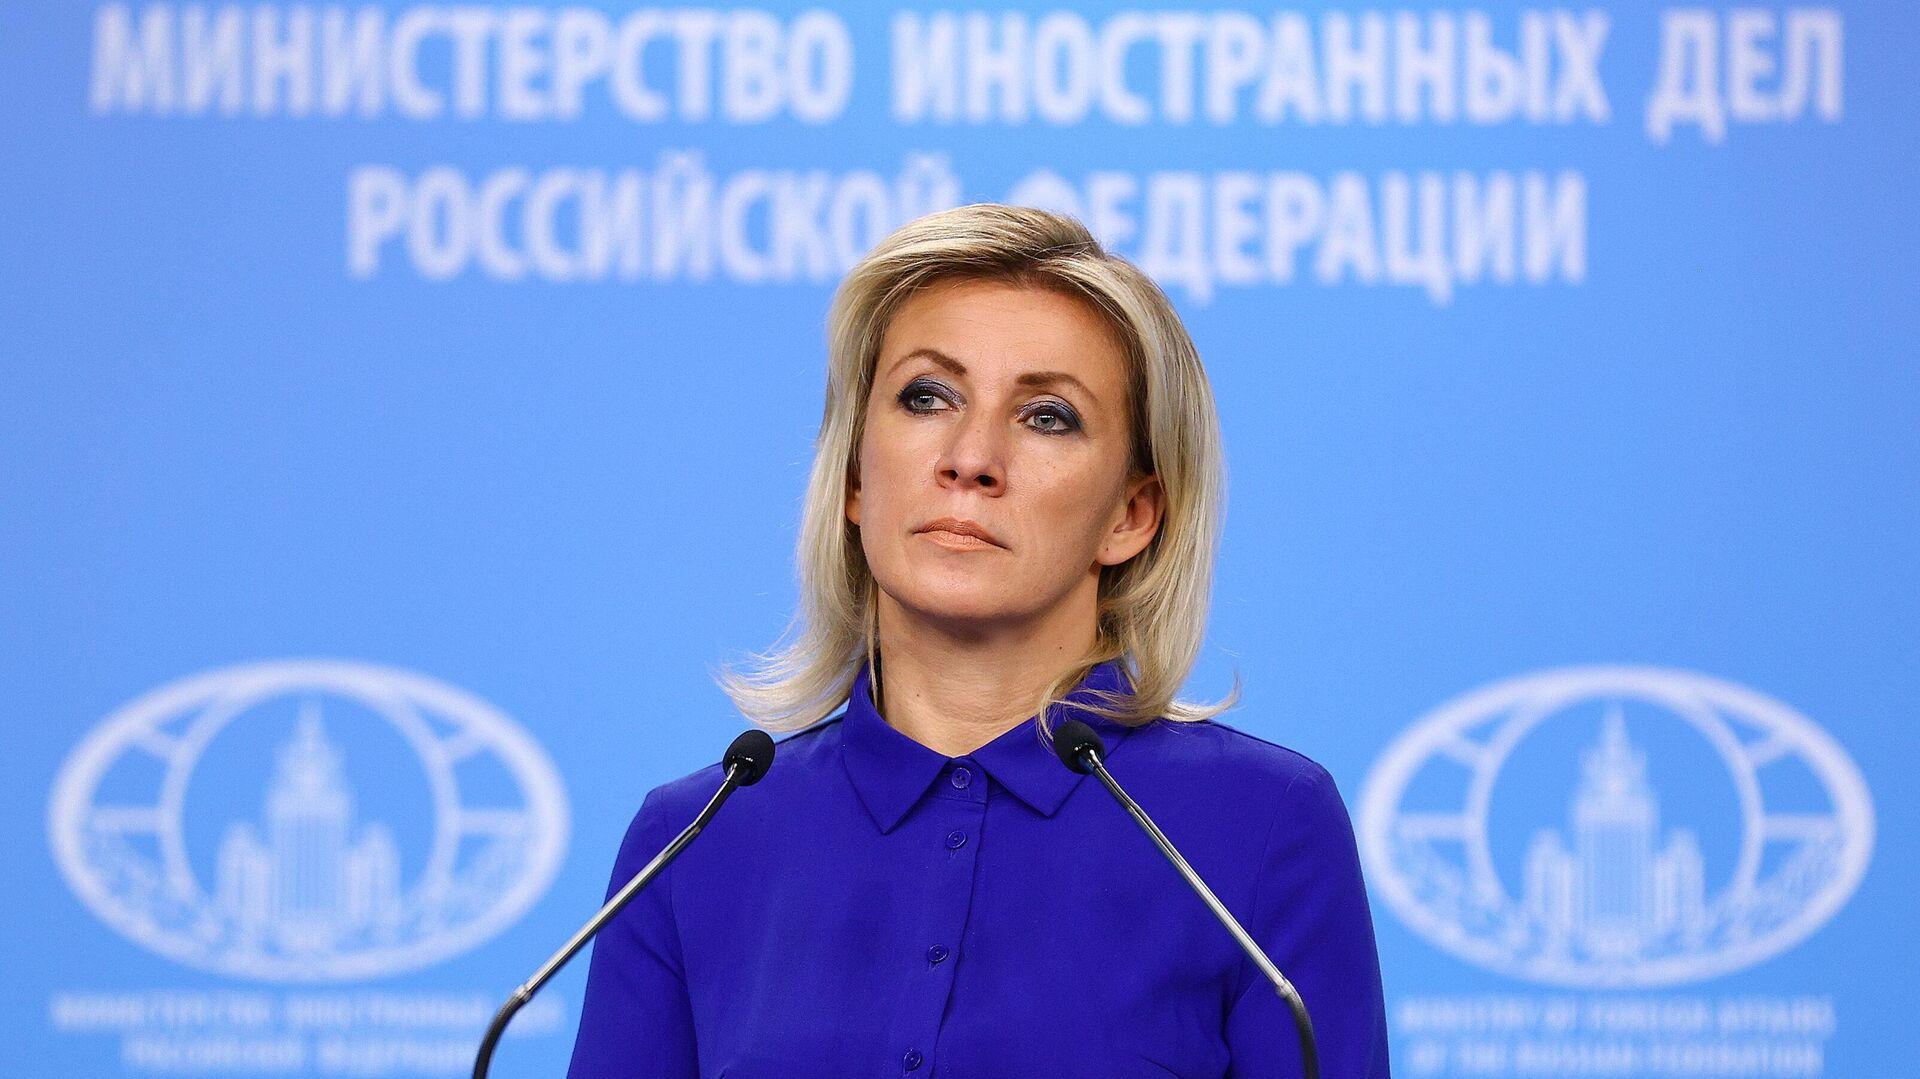 Sprecherin des russischen Außenministeriums Maria Sacharowa (Archivfoto) - SNA, 1920, 31.07.2021